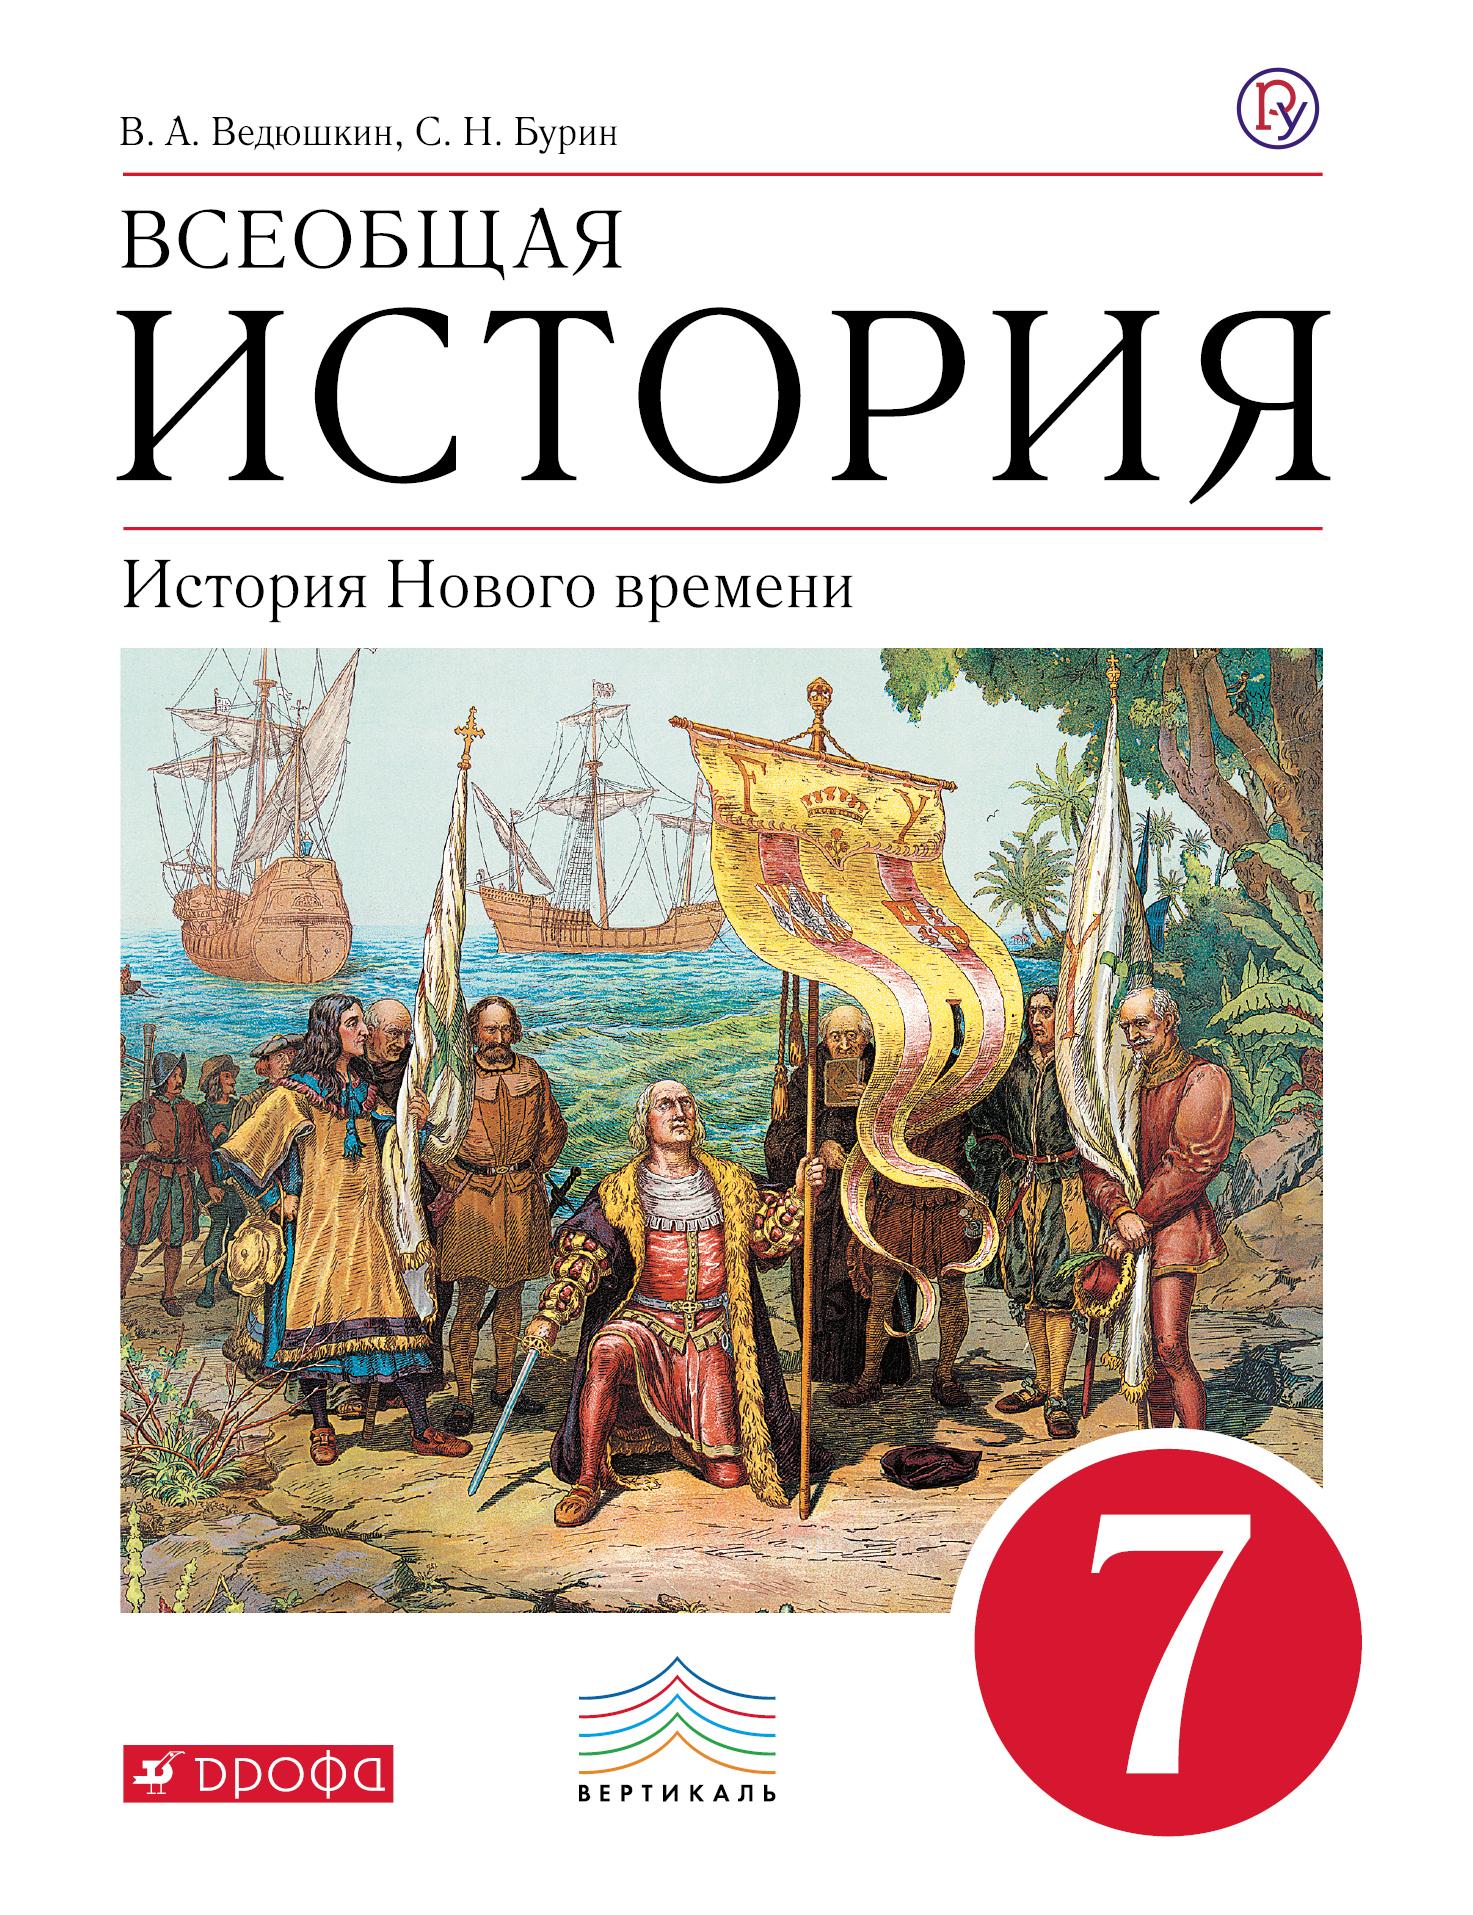 Гдз по новой истории зарубежных стран в.а.ведюшкин и с.н.бурин